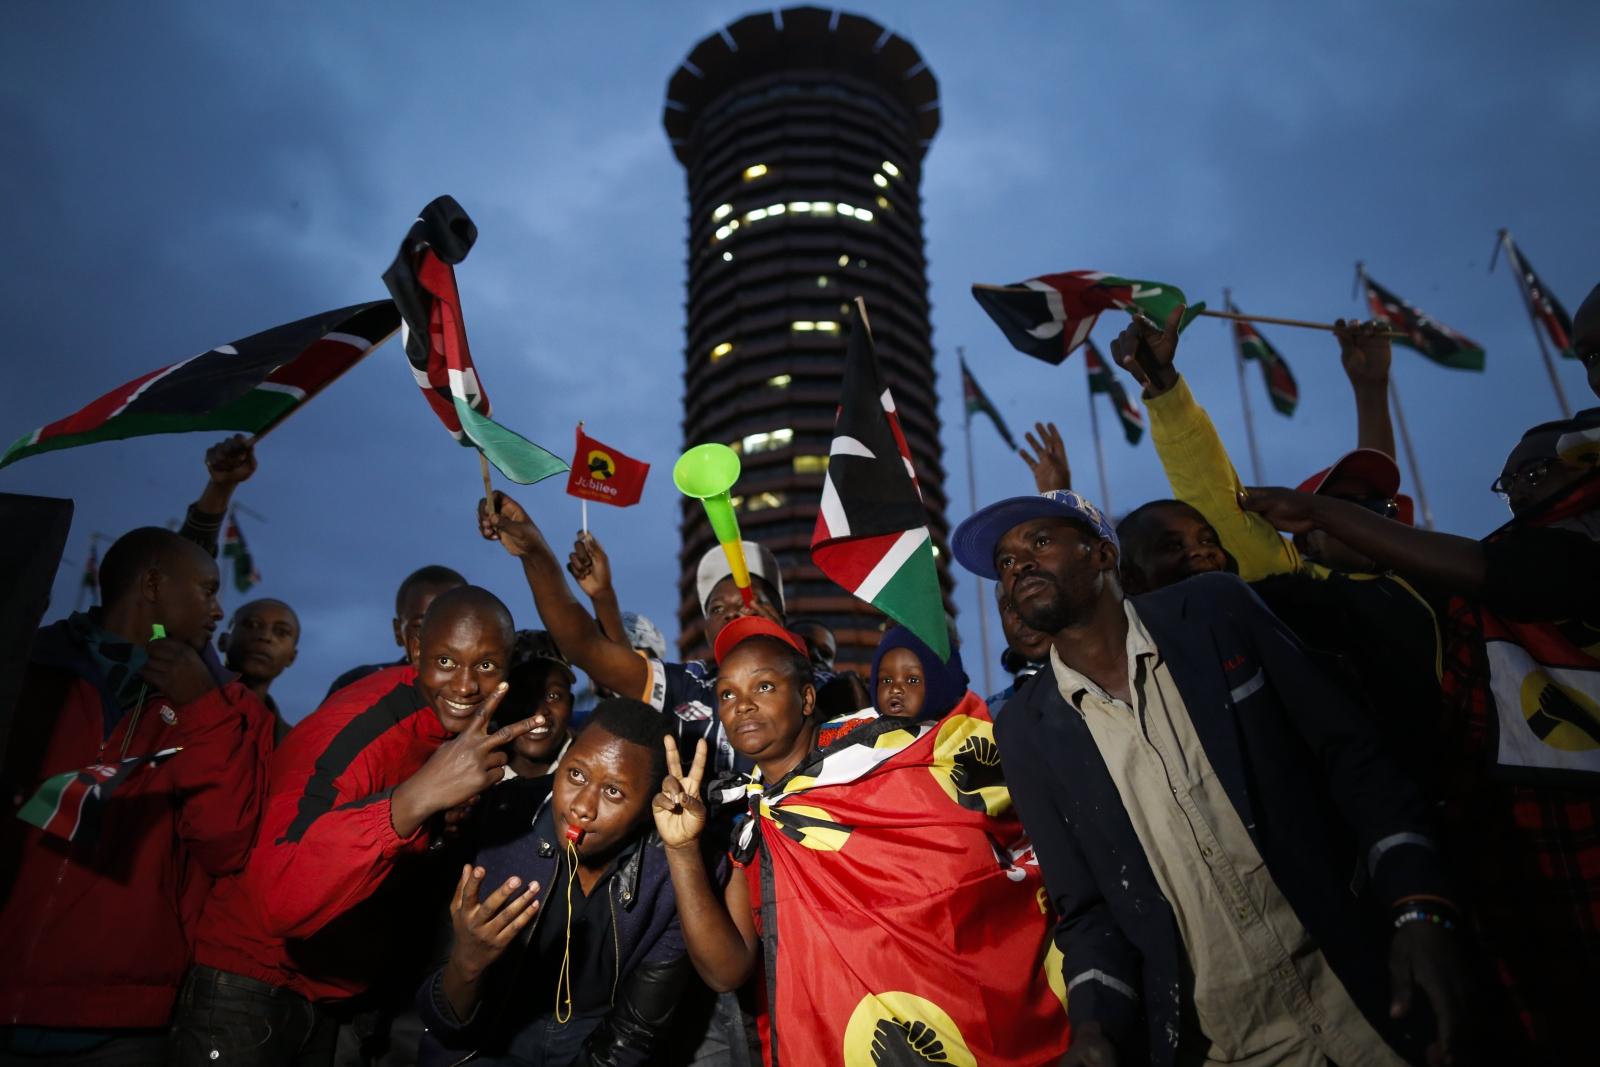 Wybory w Kenii EPA/DAI KUROKAWA